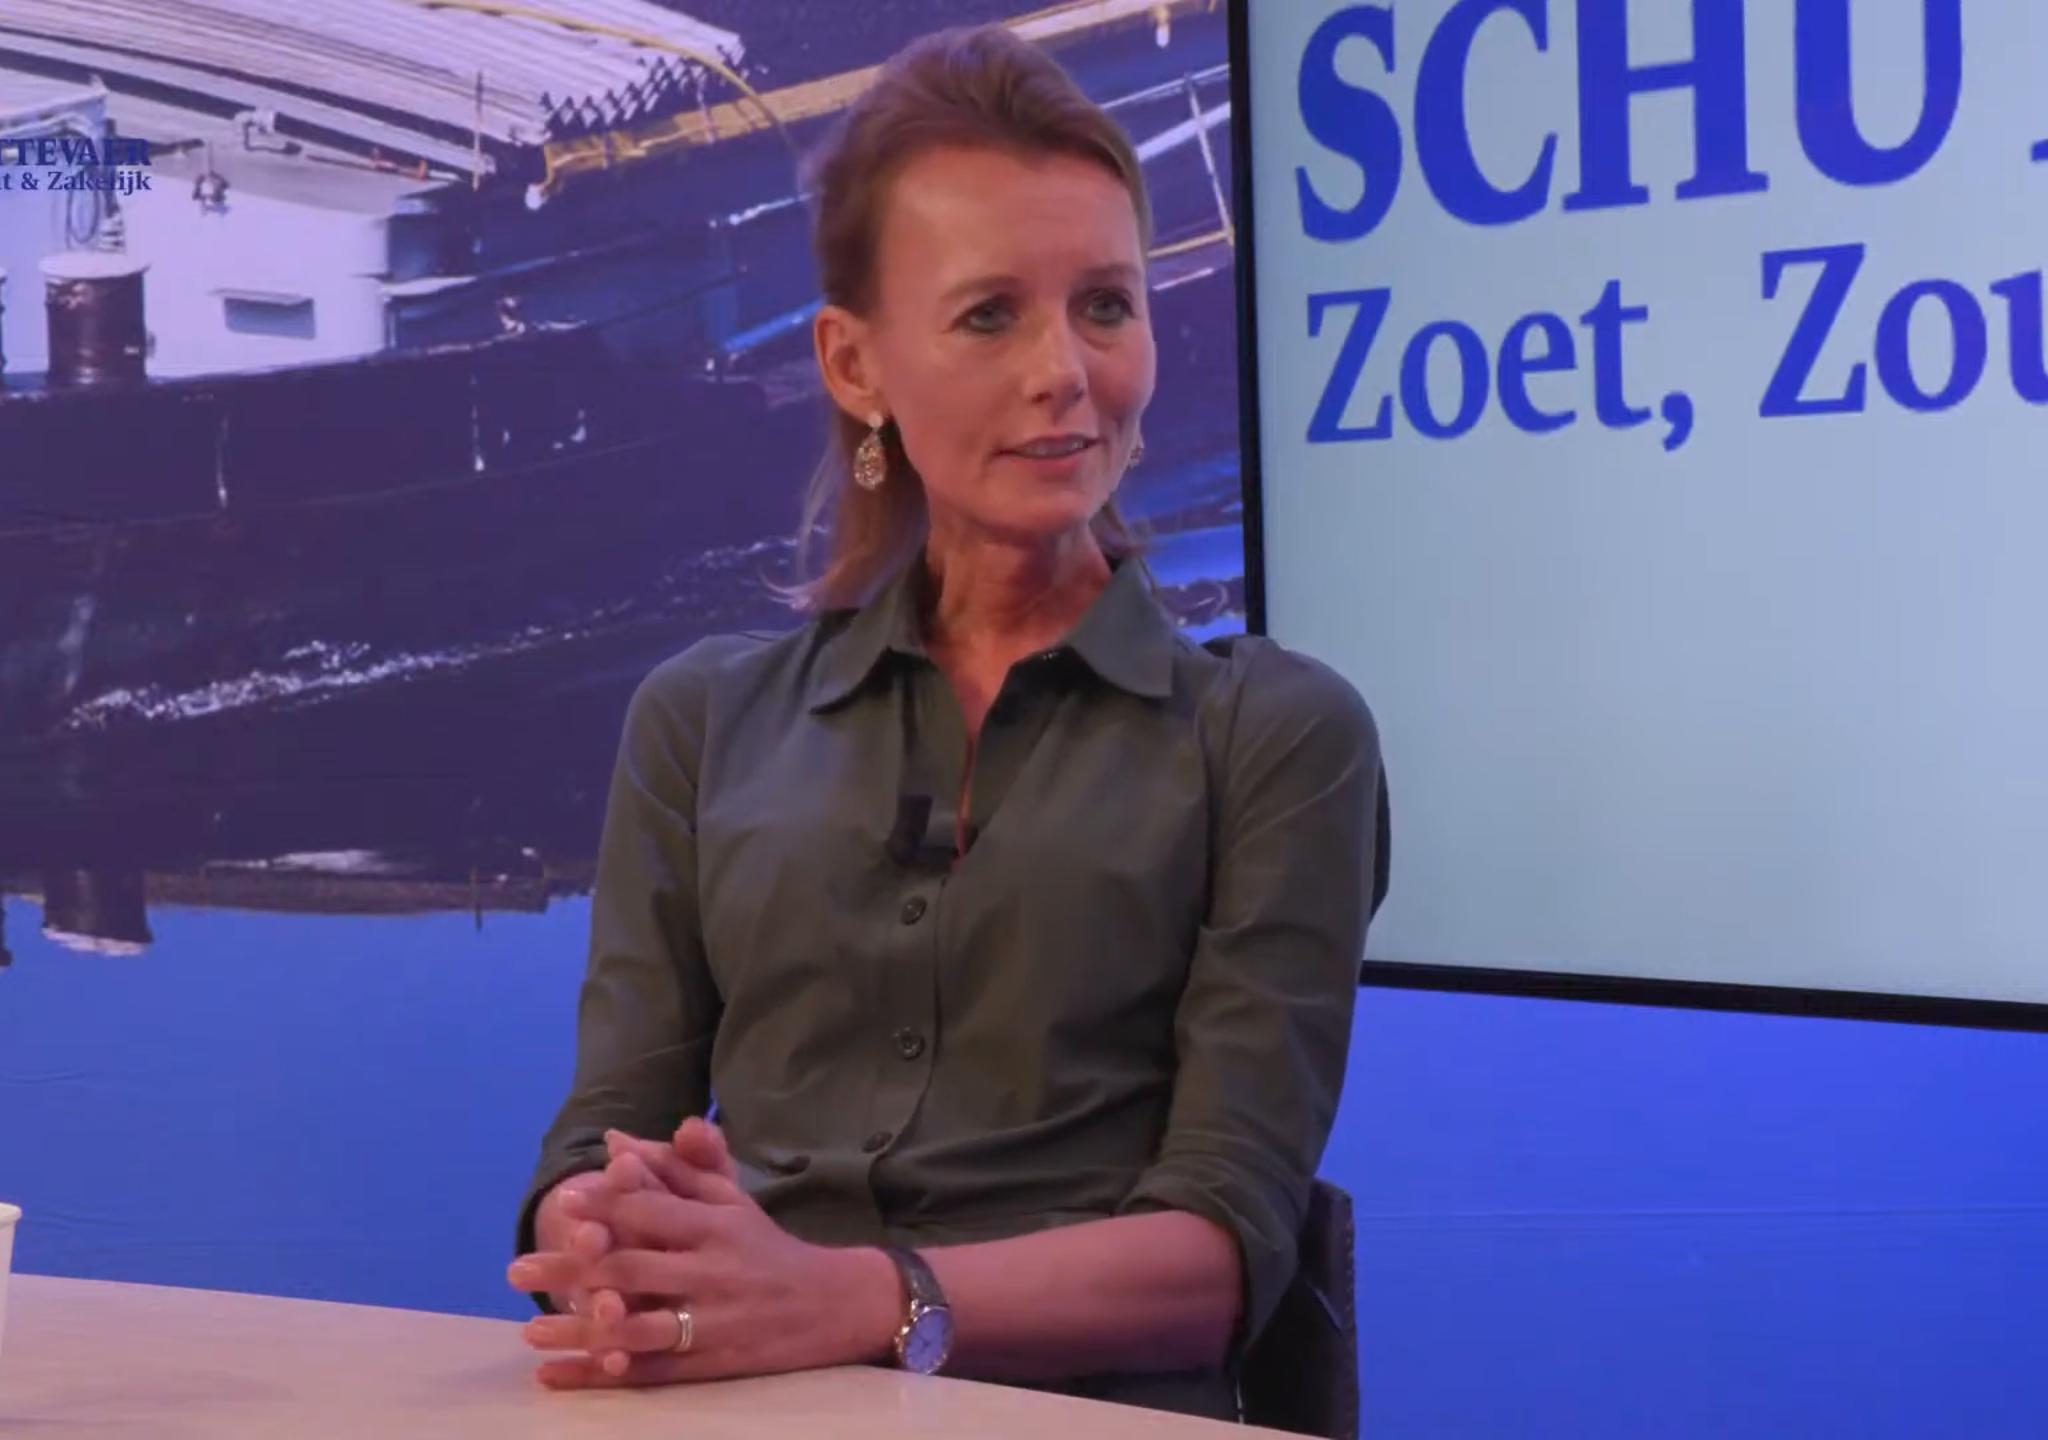 Europarlementariër Caroline Nagtegaal was te gast bij Studio Schuttevaer. (Beeld uit uitzending)